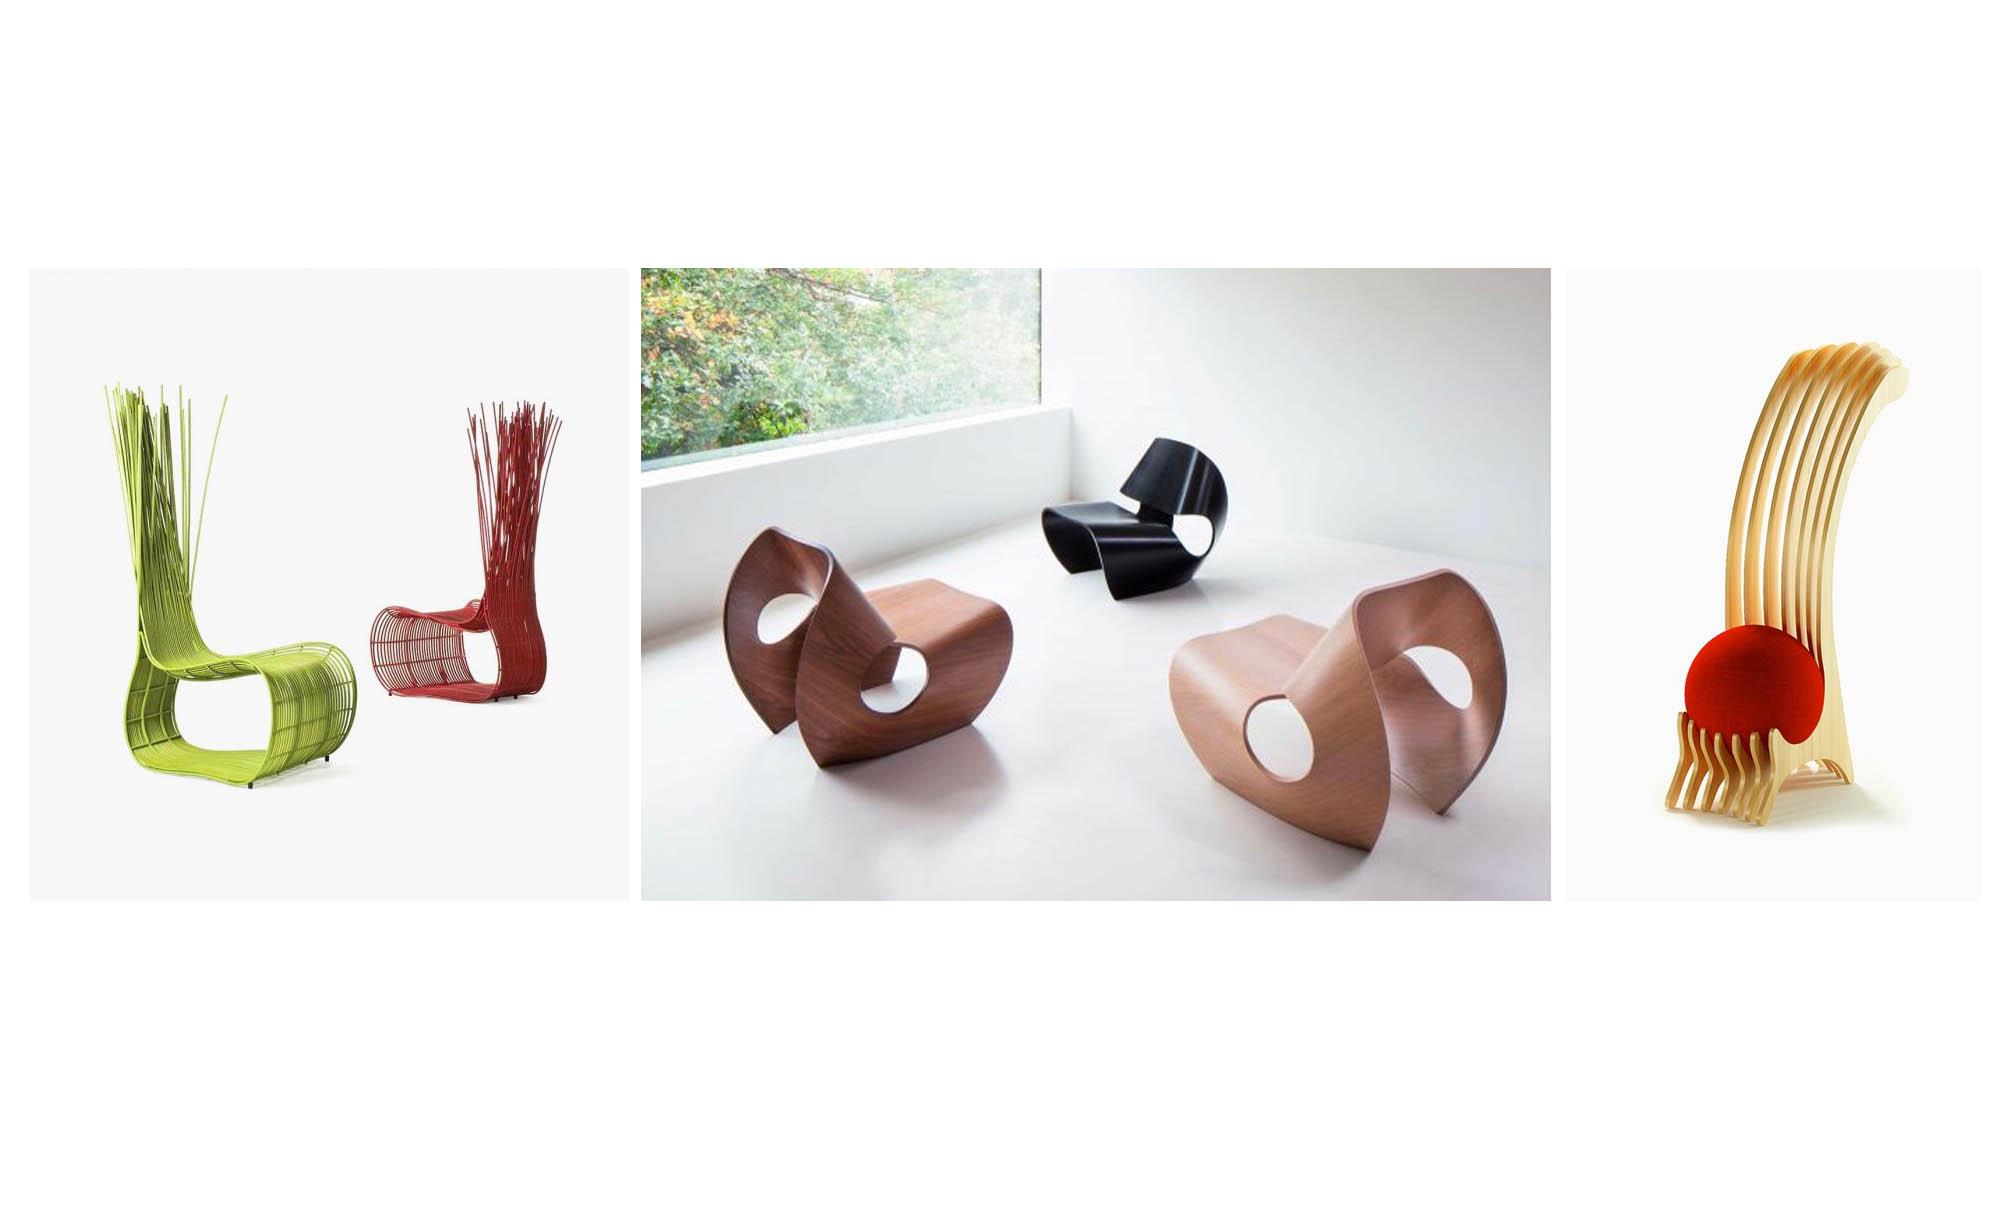 نگاهی به طراحی ۵۰ صندلی خیره کننده (بخش دوم)